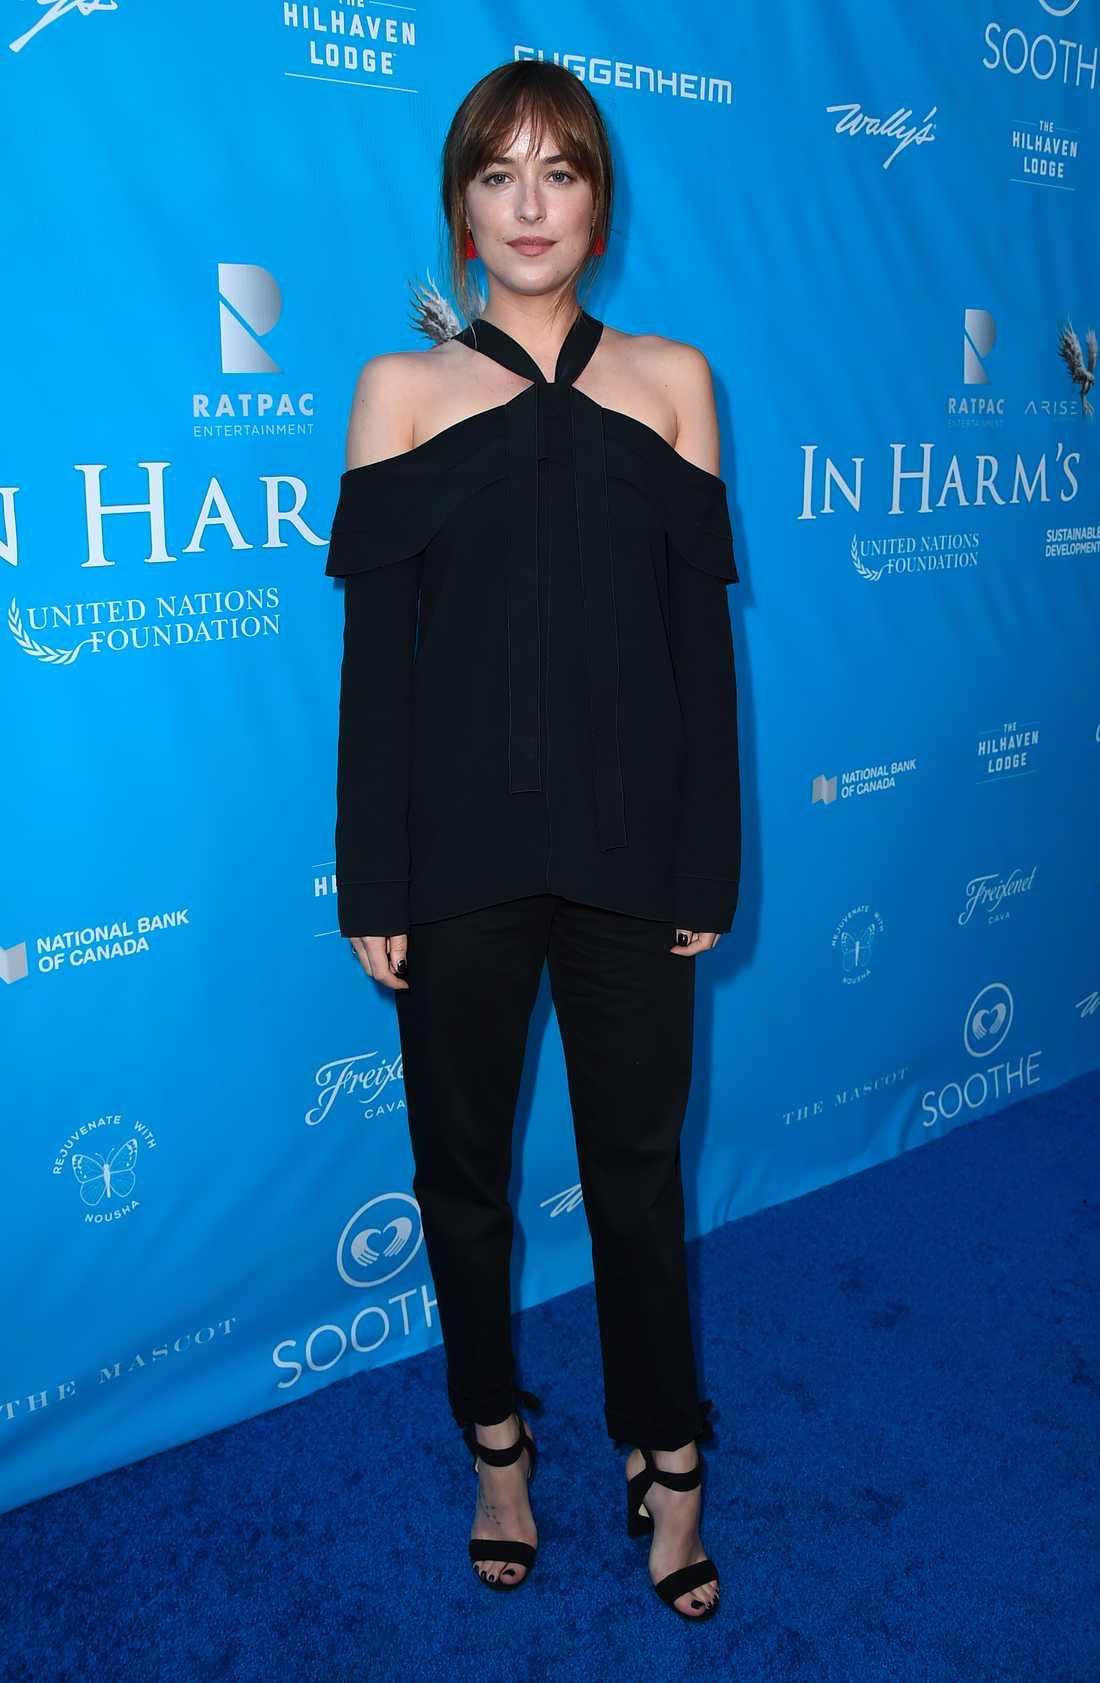 Skådespelaren Dakota Johnson.